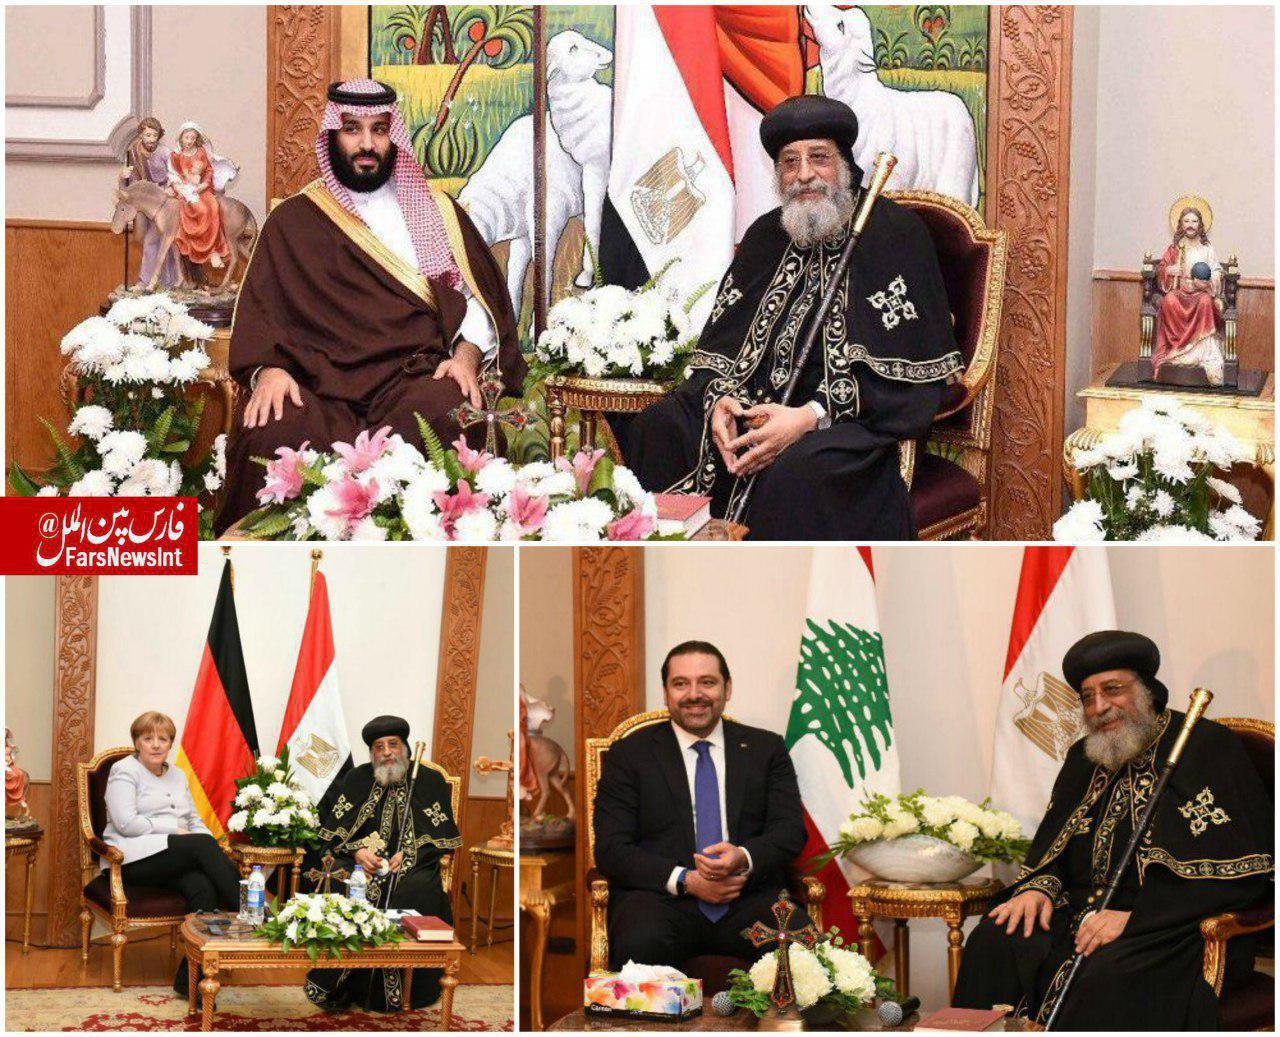 اقدام کلیسای ارتدوکس مصر در دیدار پاپ و بن سلمان